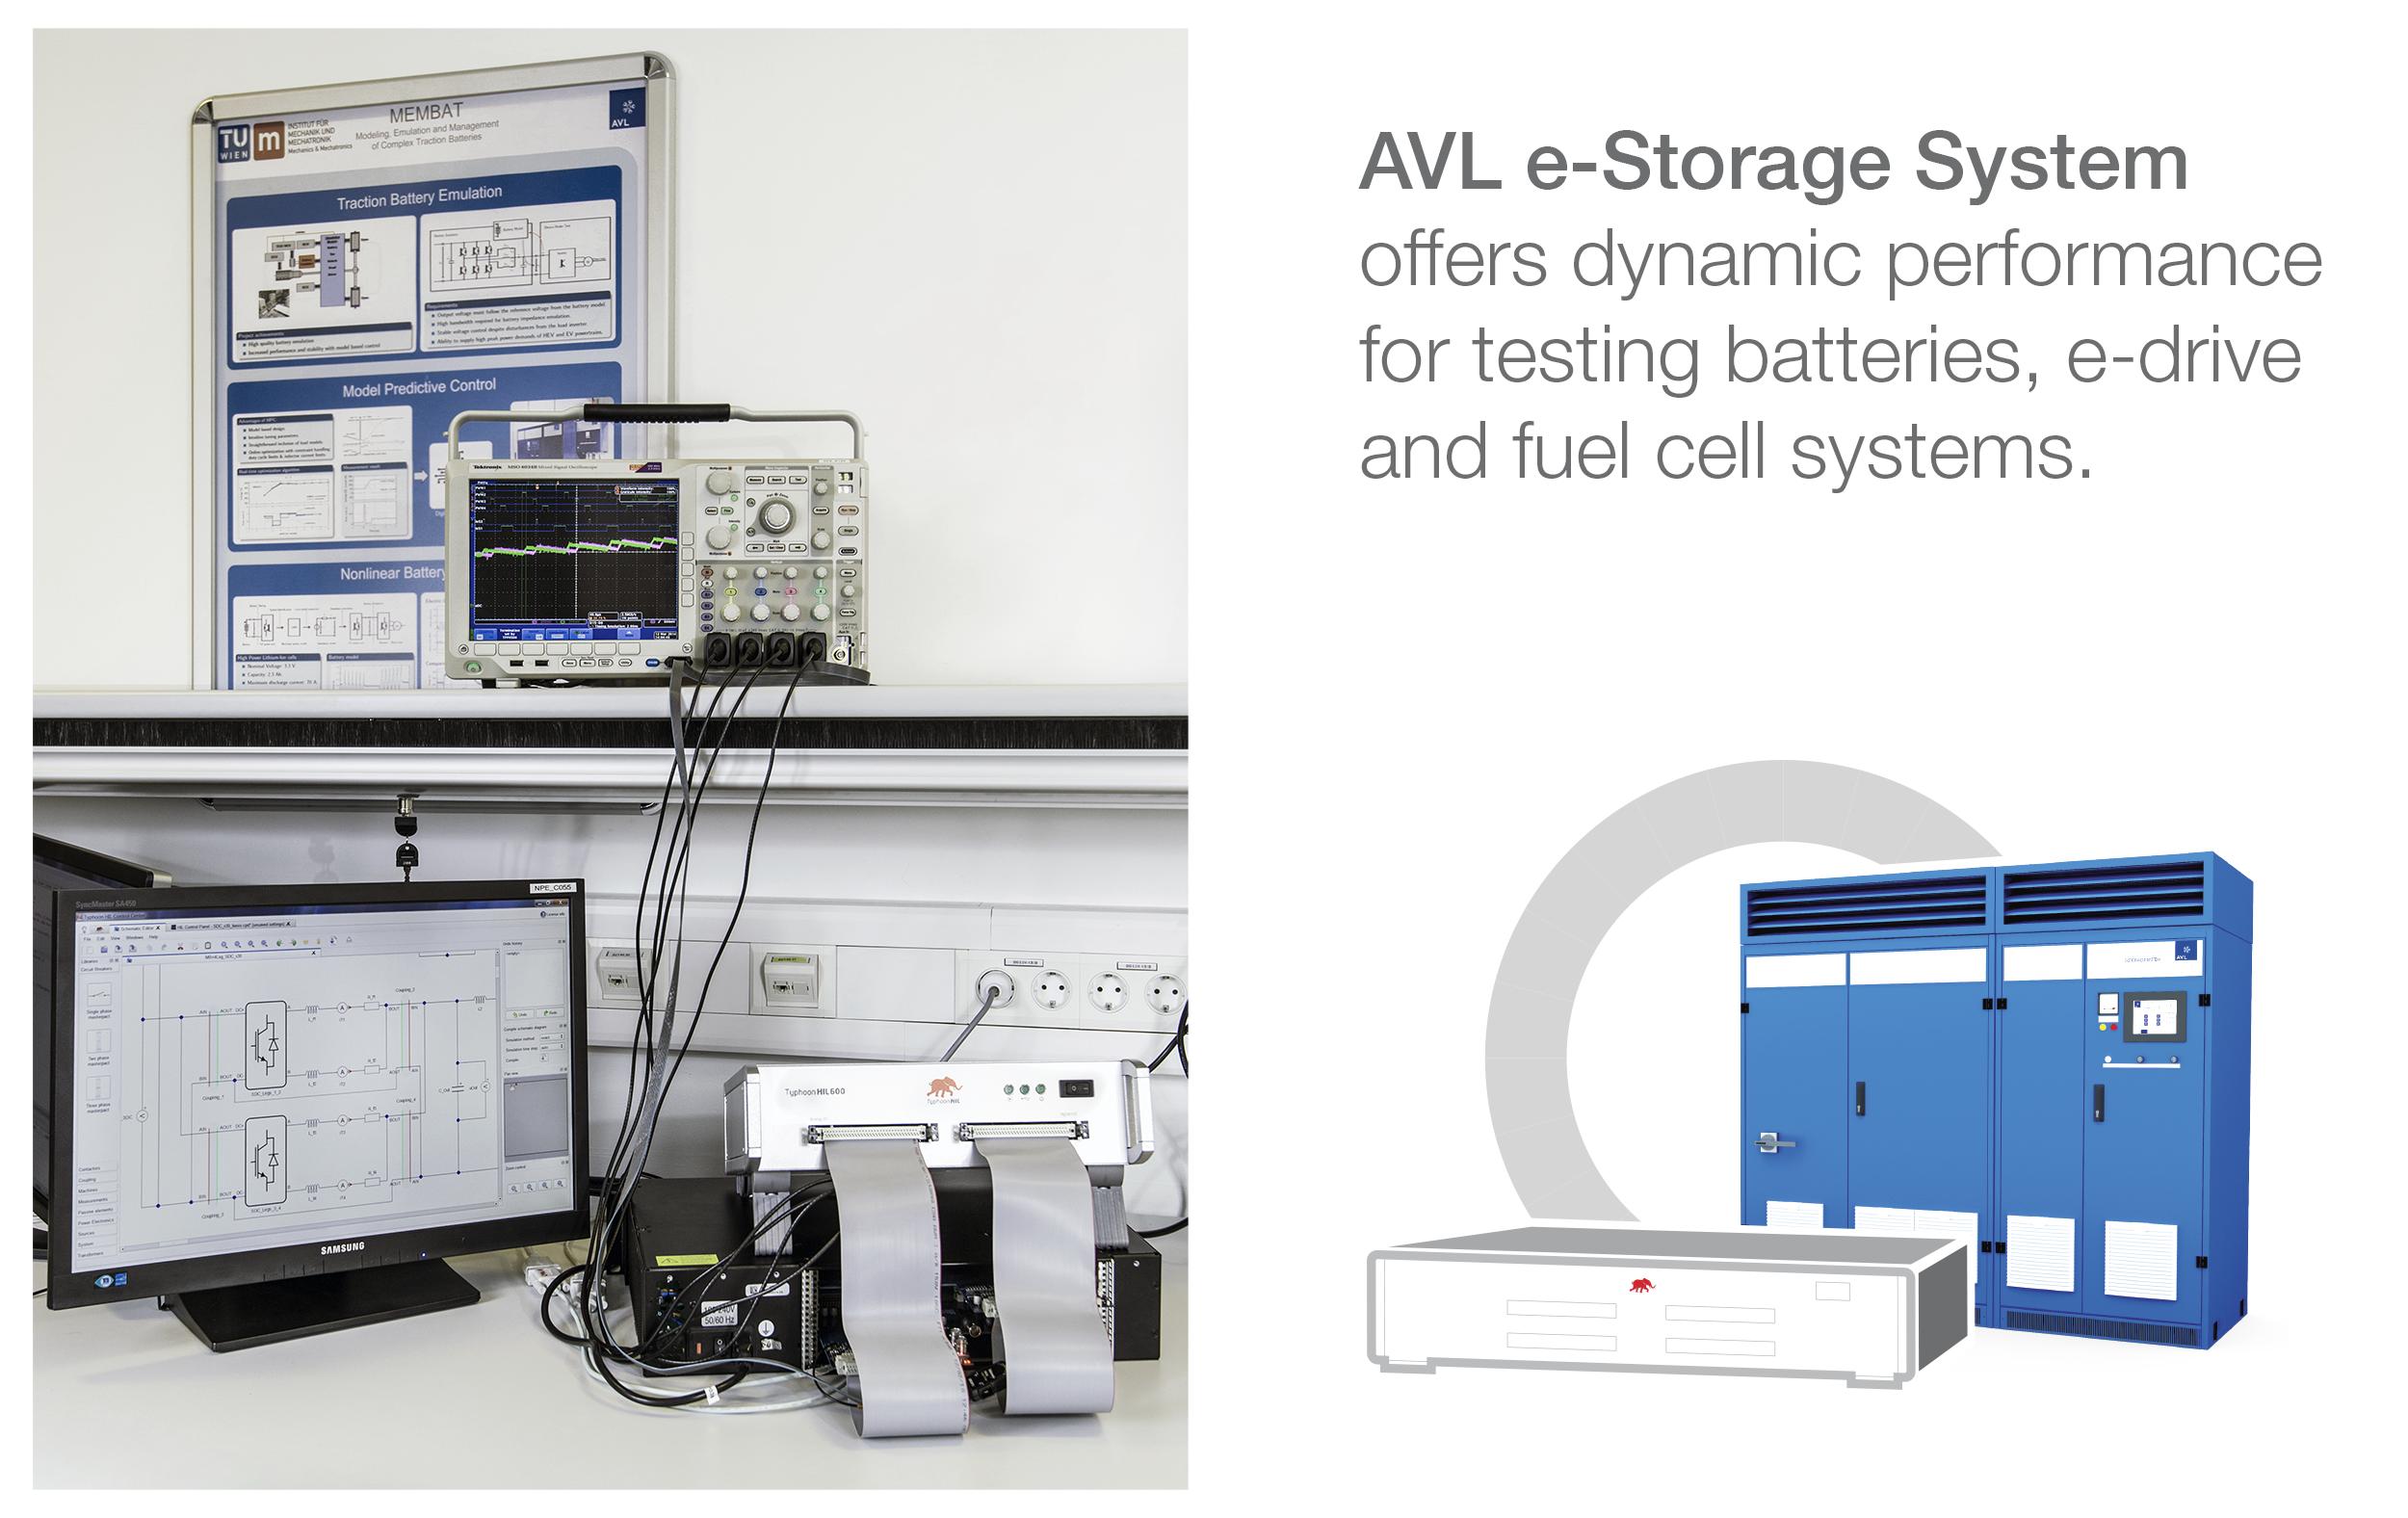 AVL e-Storage System Ilustration (5)